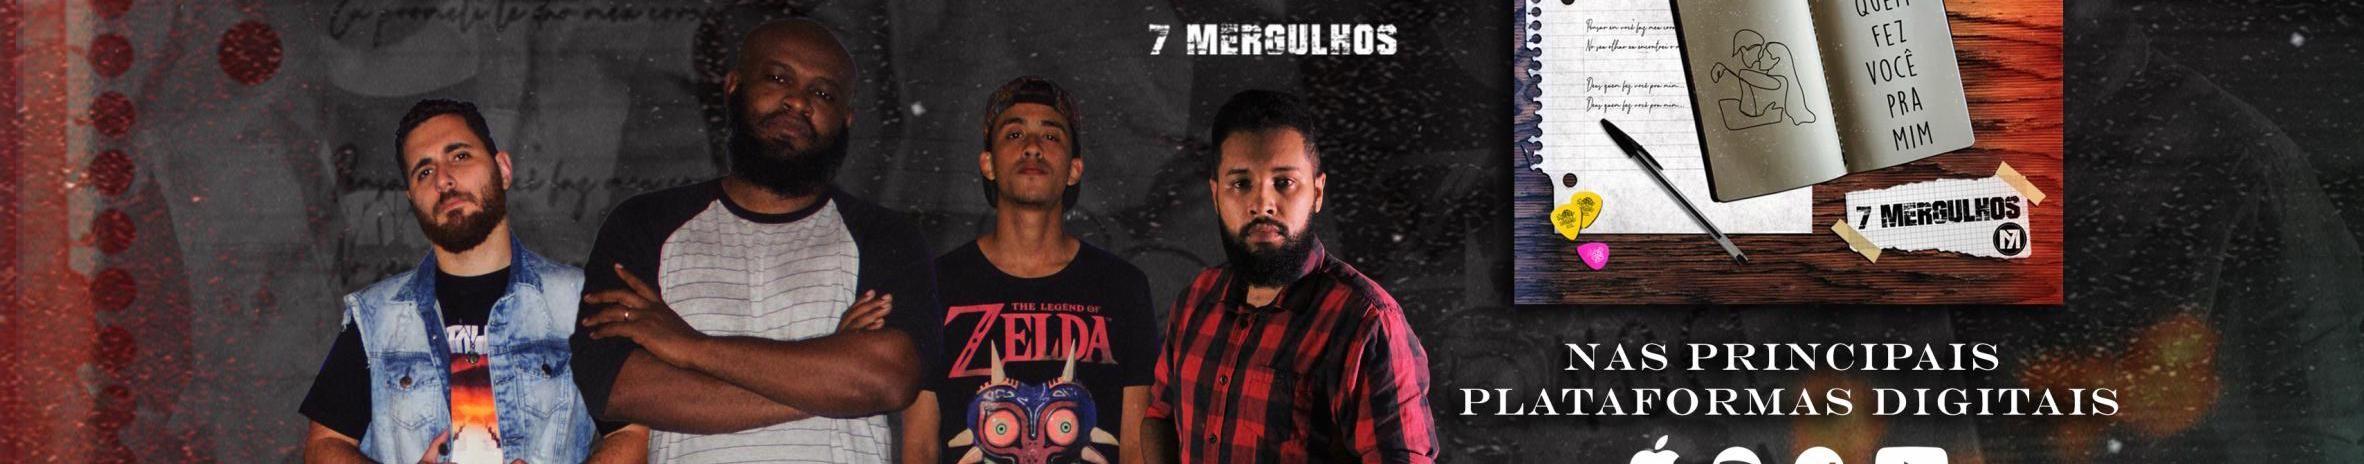 Imagem de capa de Banda 7 Mergulhos